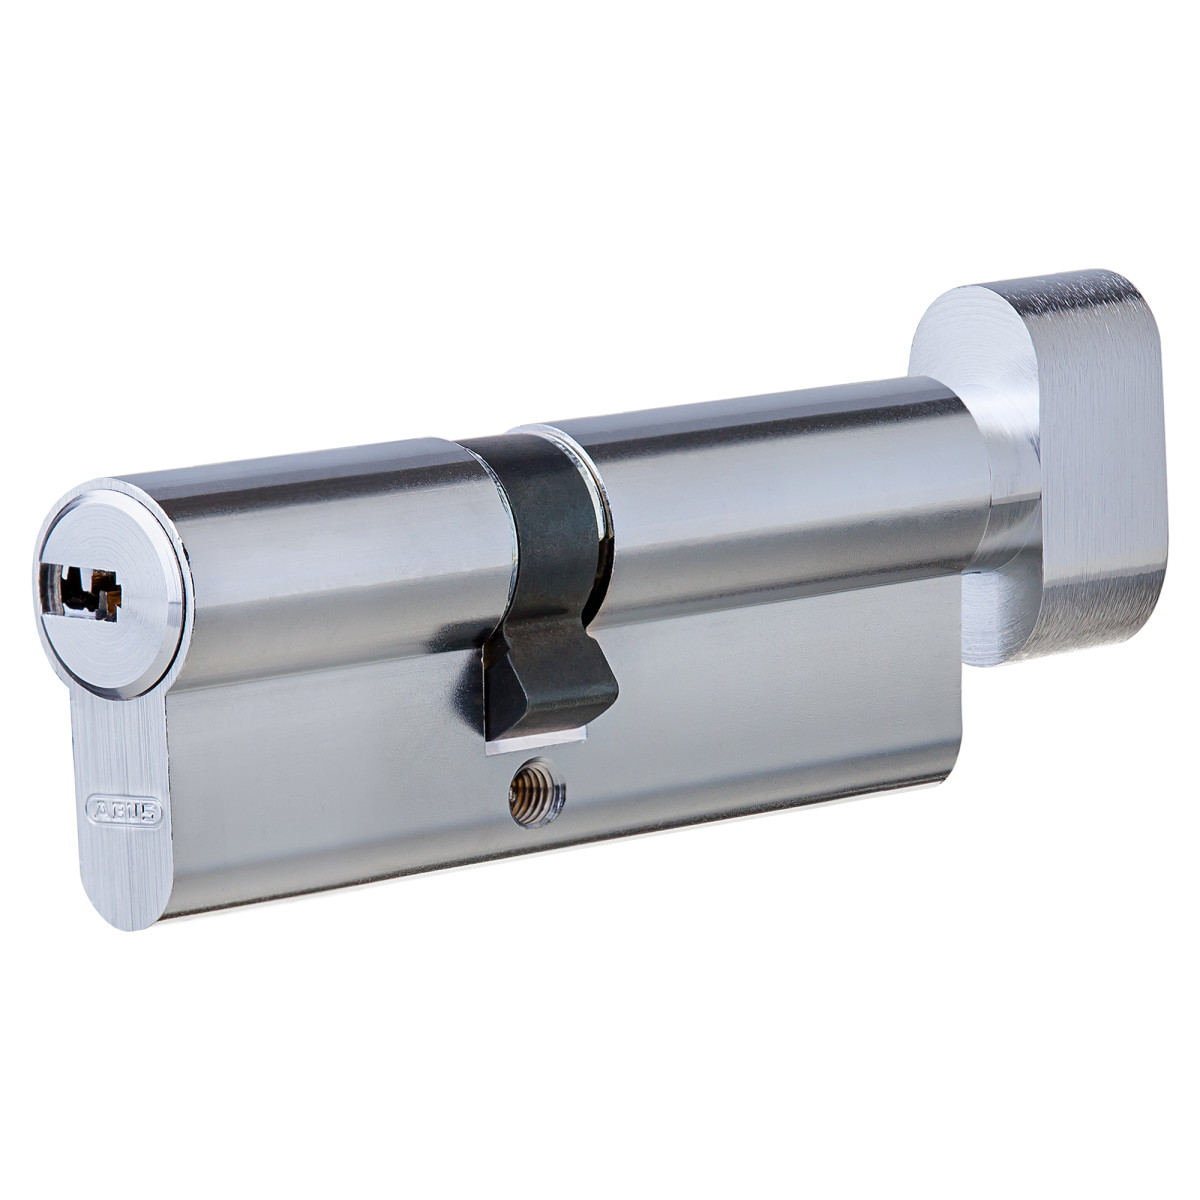 Цилиндр Abus 35х45 мм ключ/вертушка цвет никель